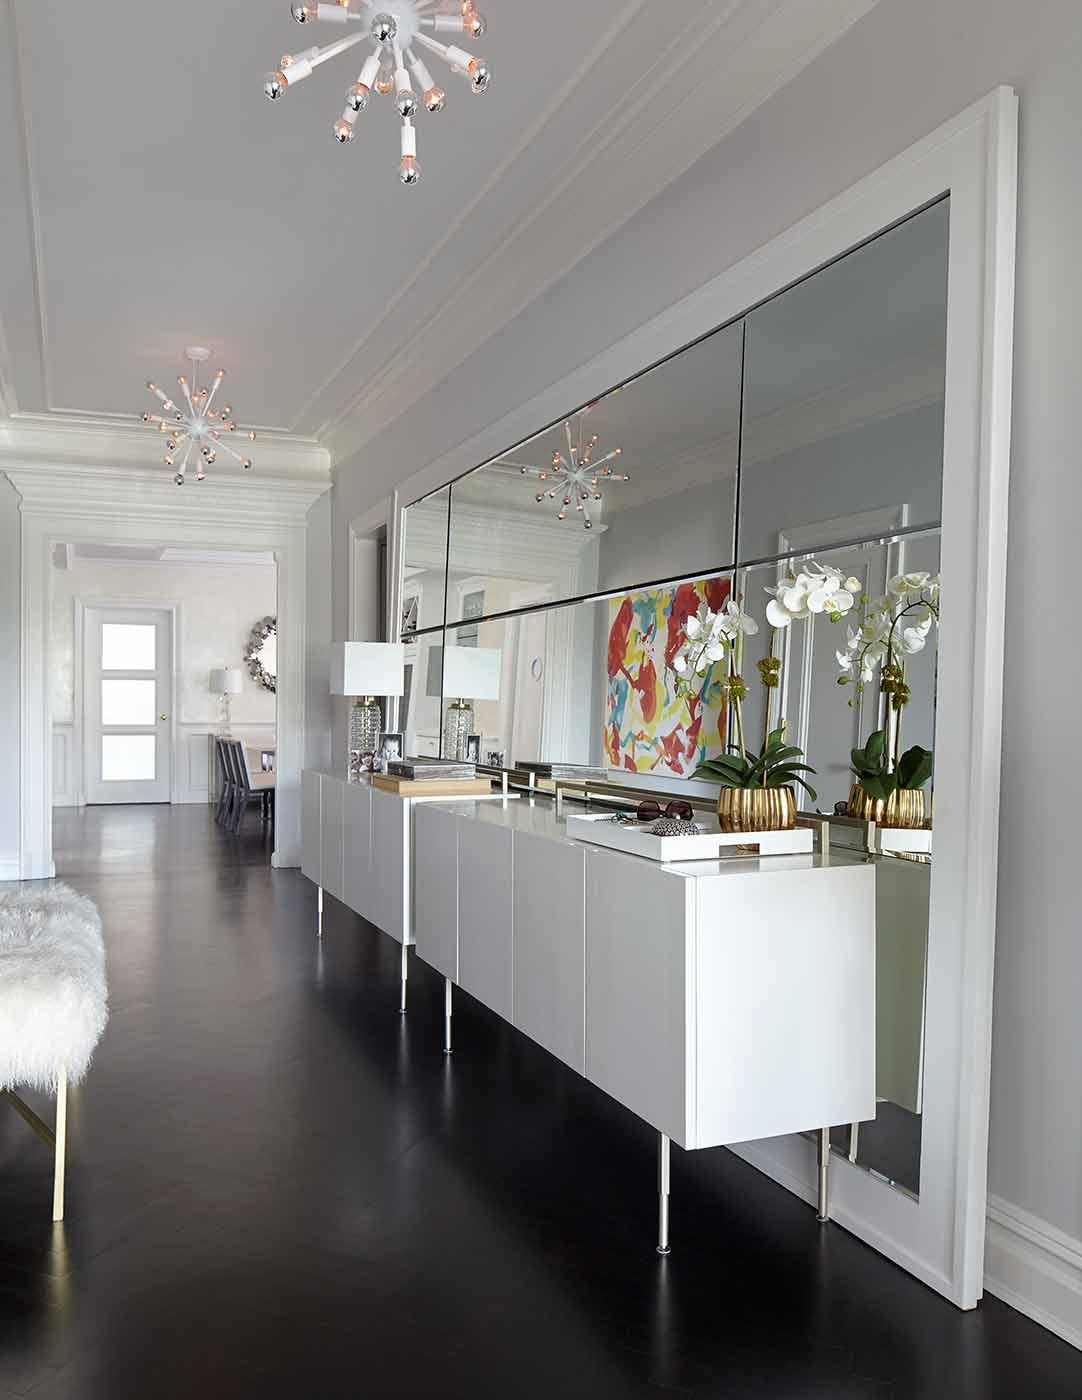 Foyer Sputnic Lights Leaning Floor Mirror